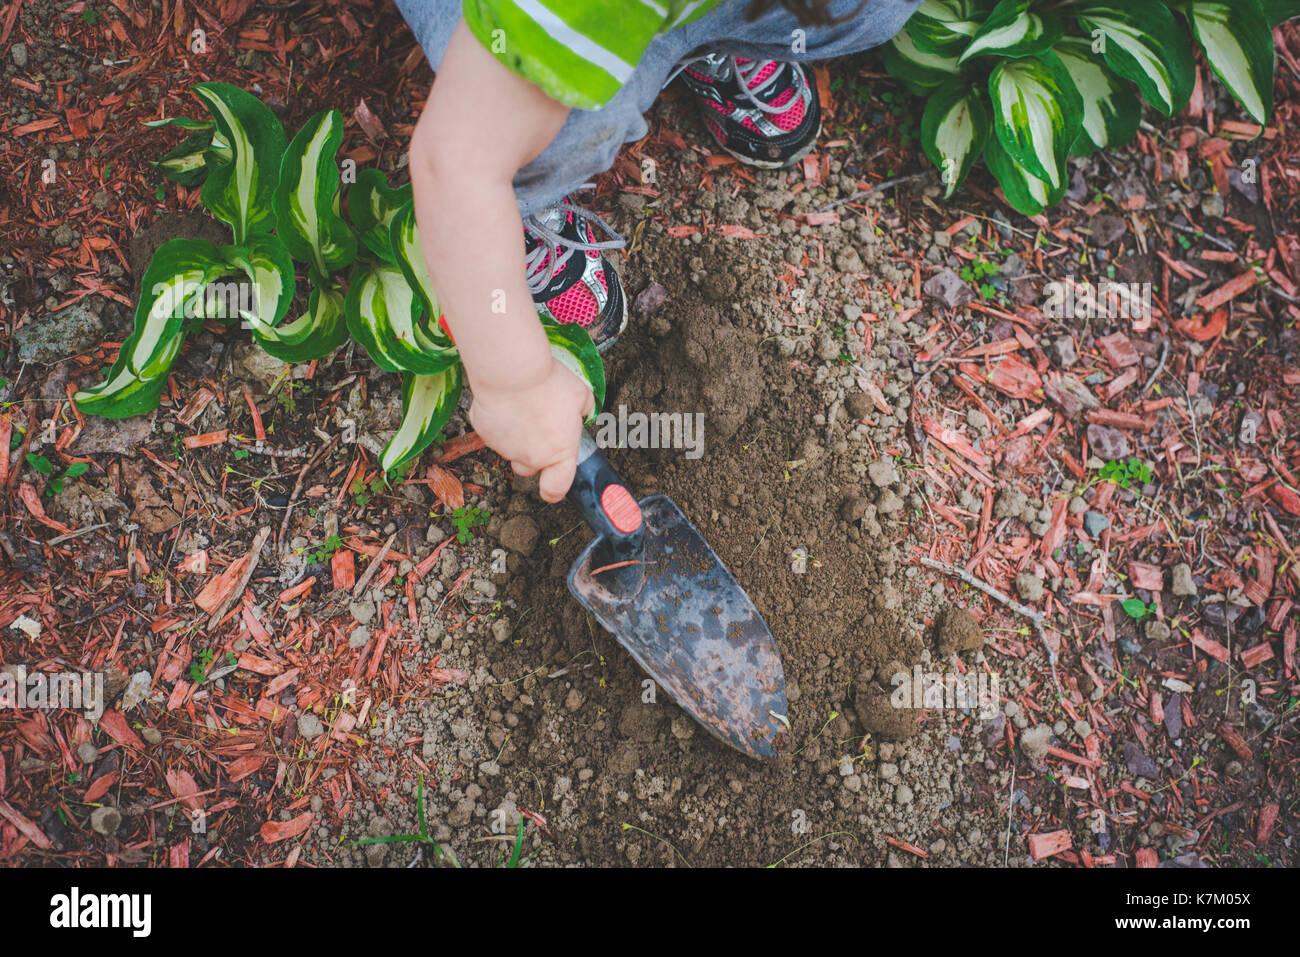 Una bambina scava con una vanga in un giardino. Immagini Stock